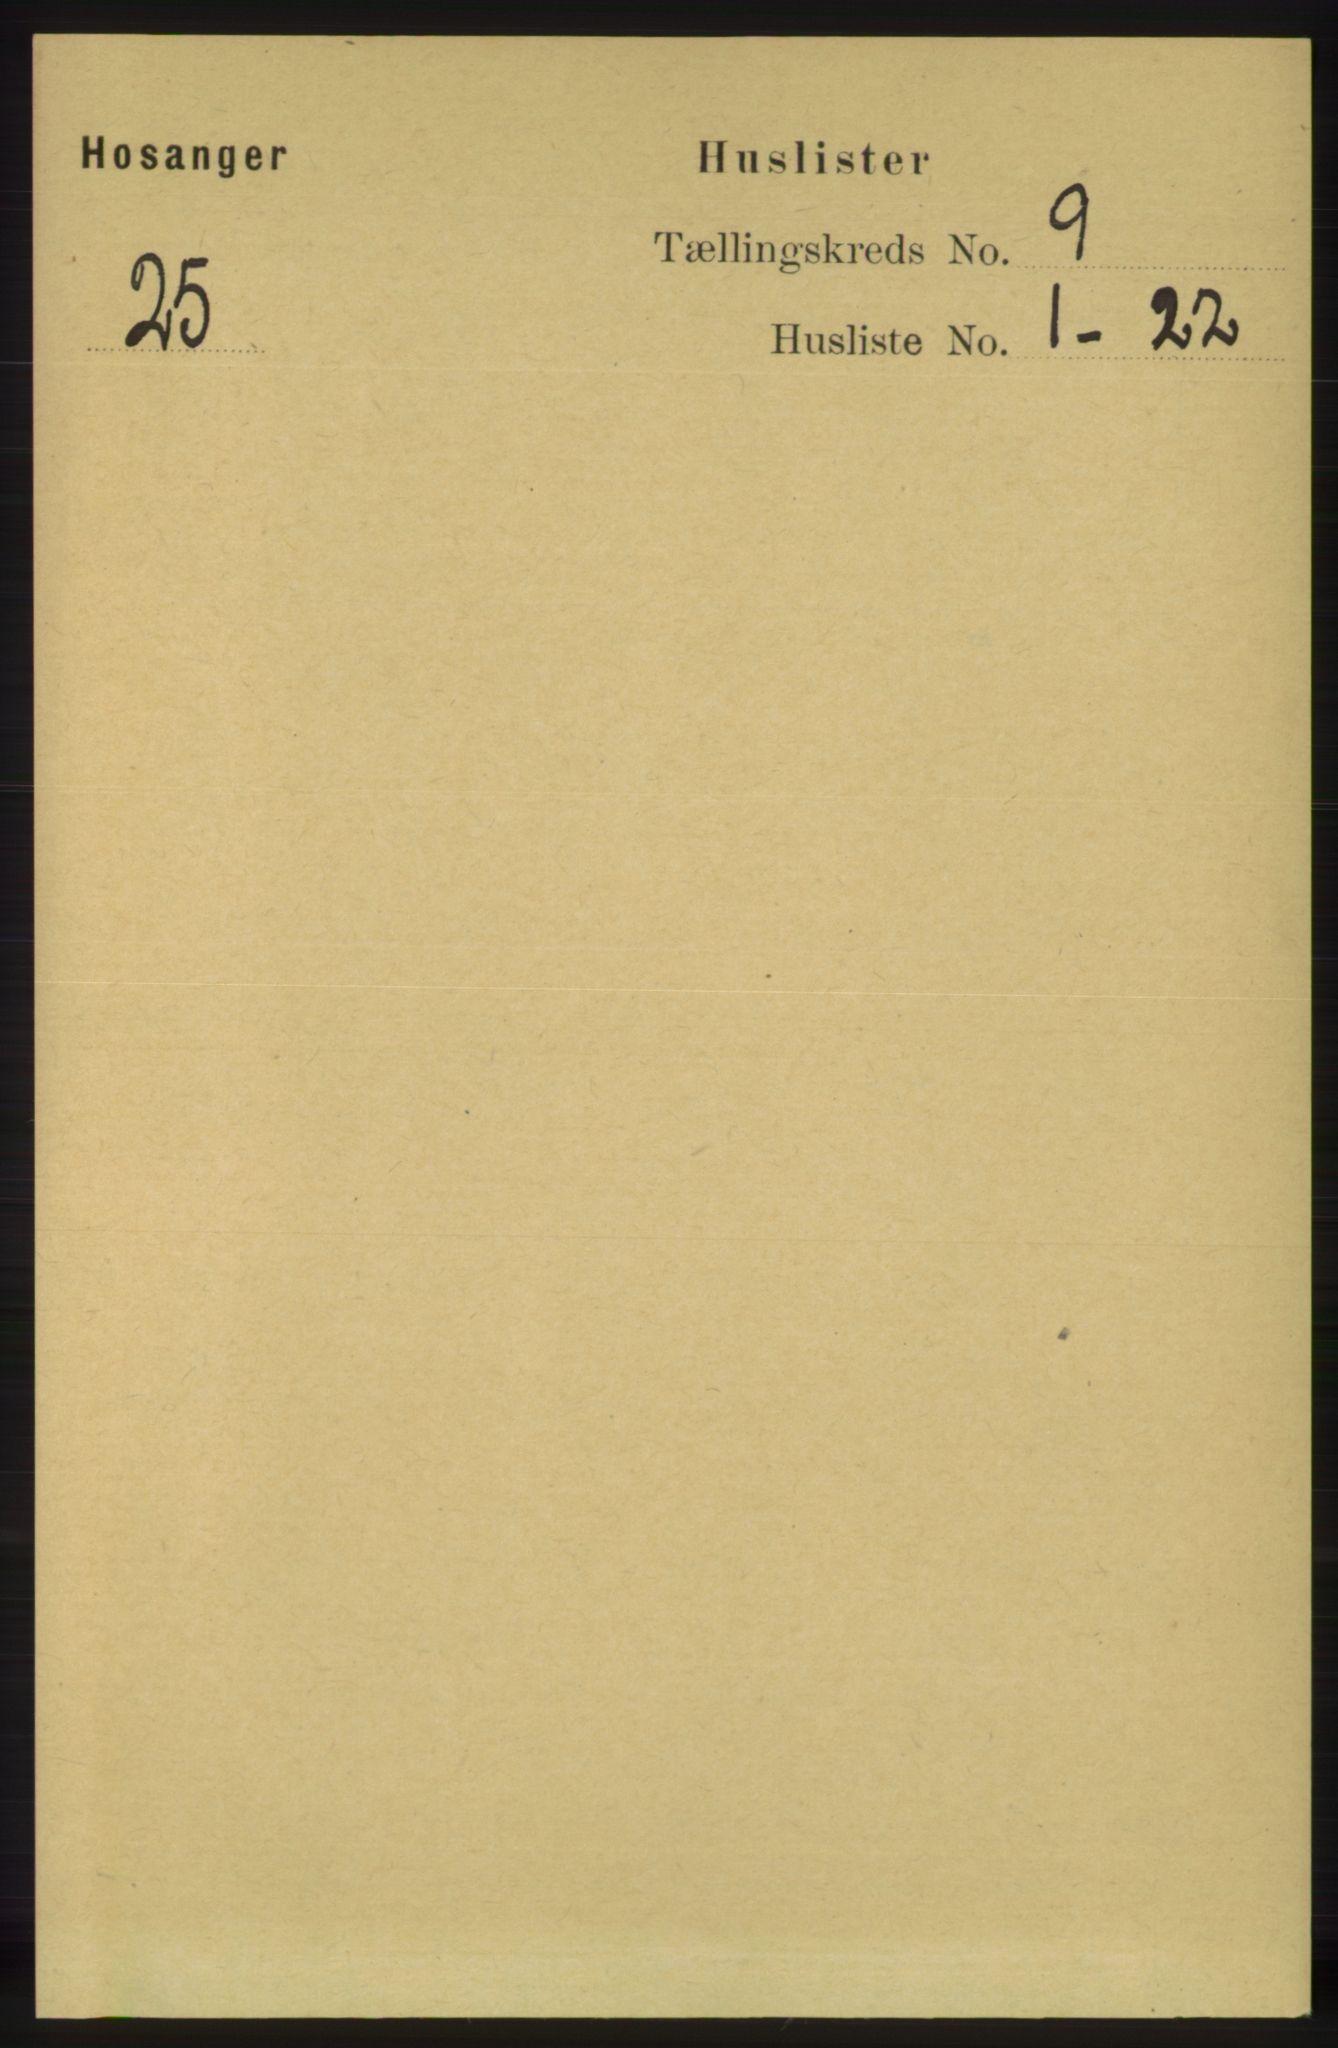 RA, Folketelling 1891 for 1253 Hosanger herred, 1891, s. 3269